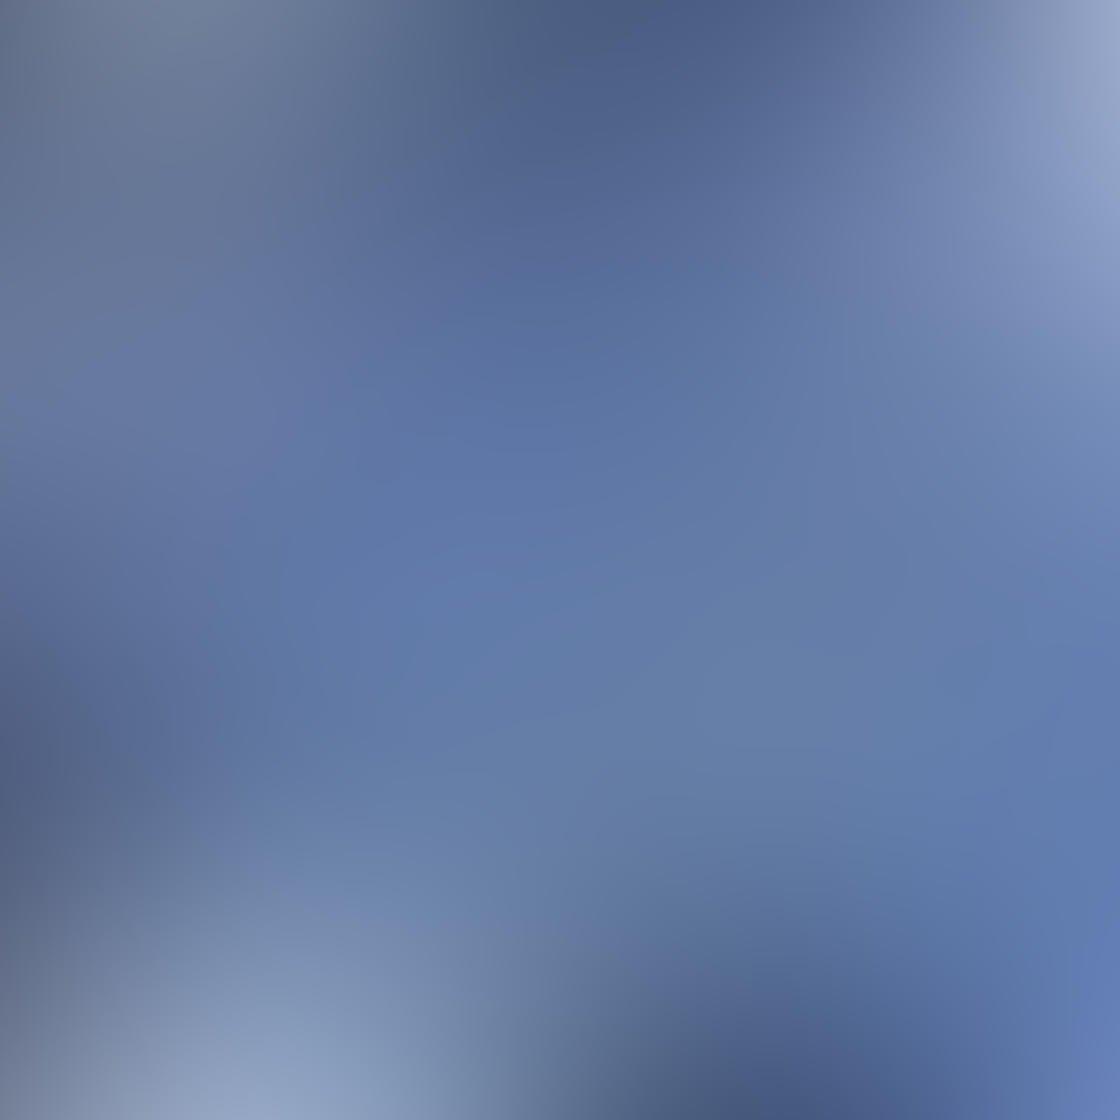 Color Temperature iPhone Photos 22